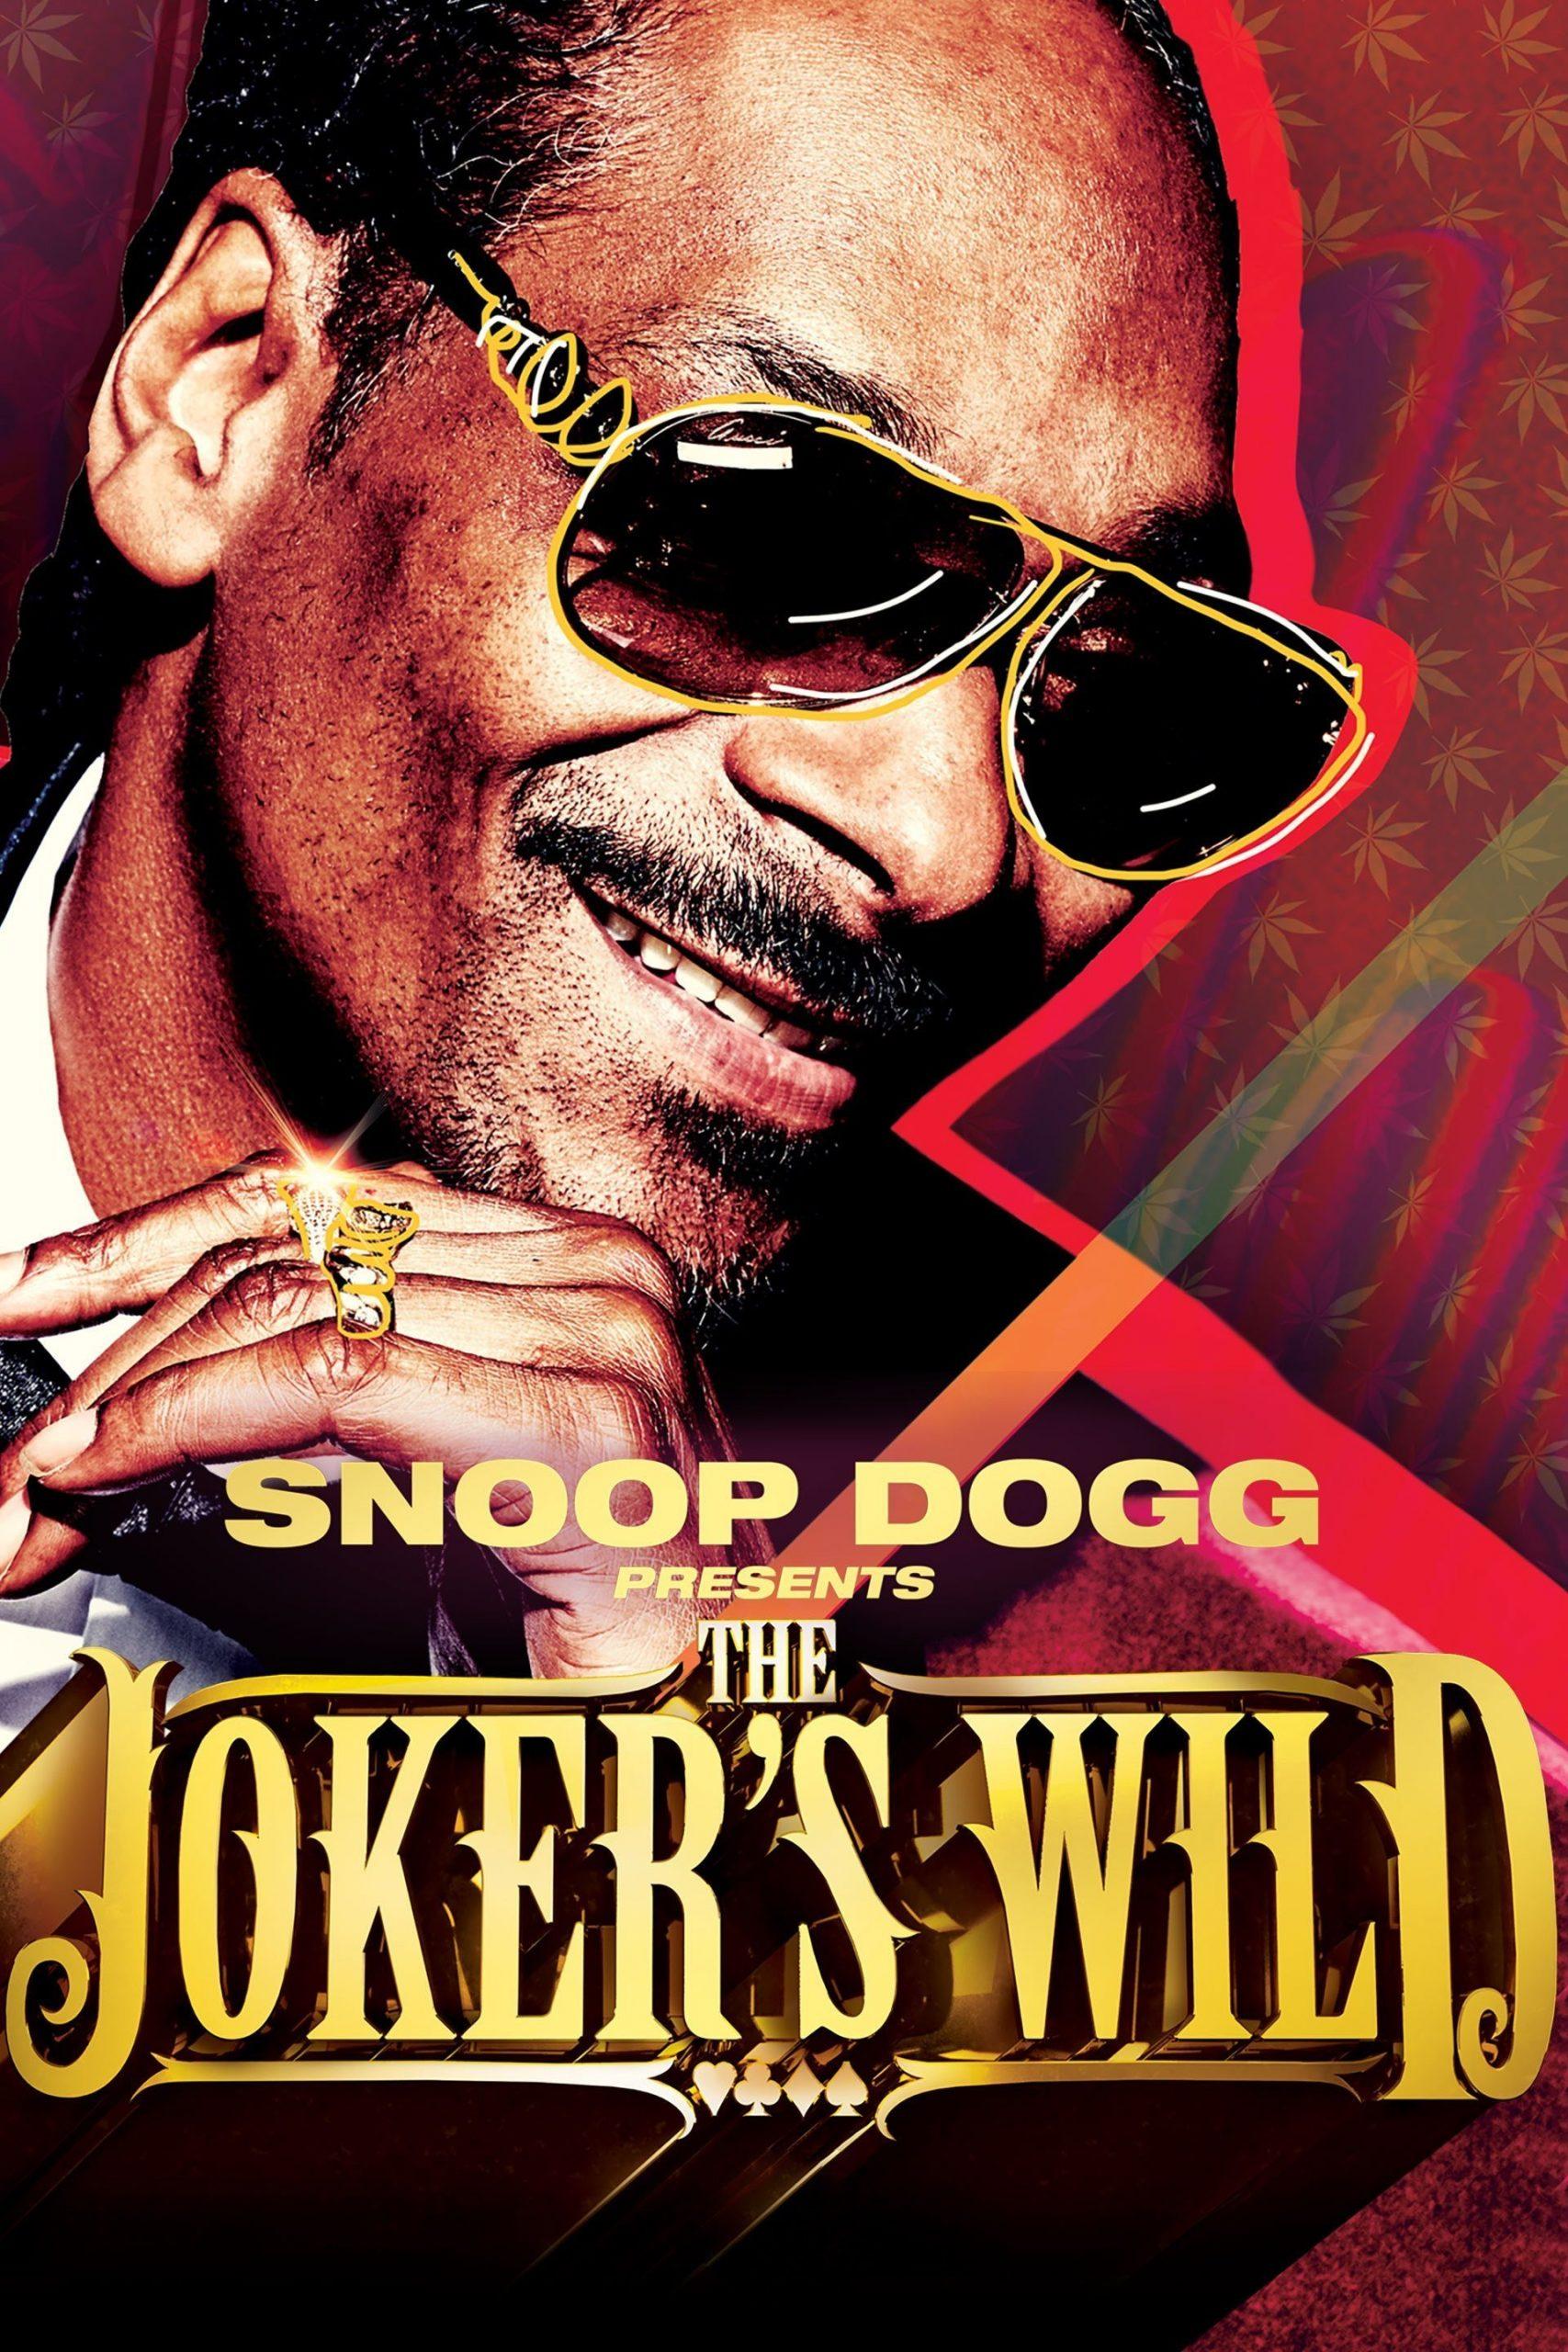 The Joker's Wild Logo